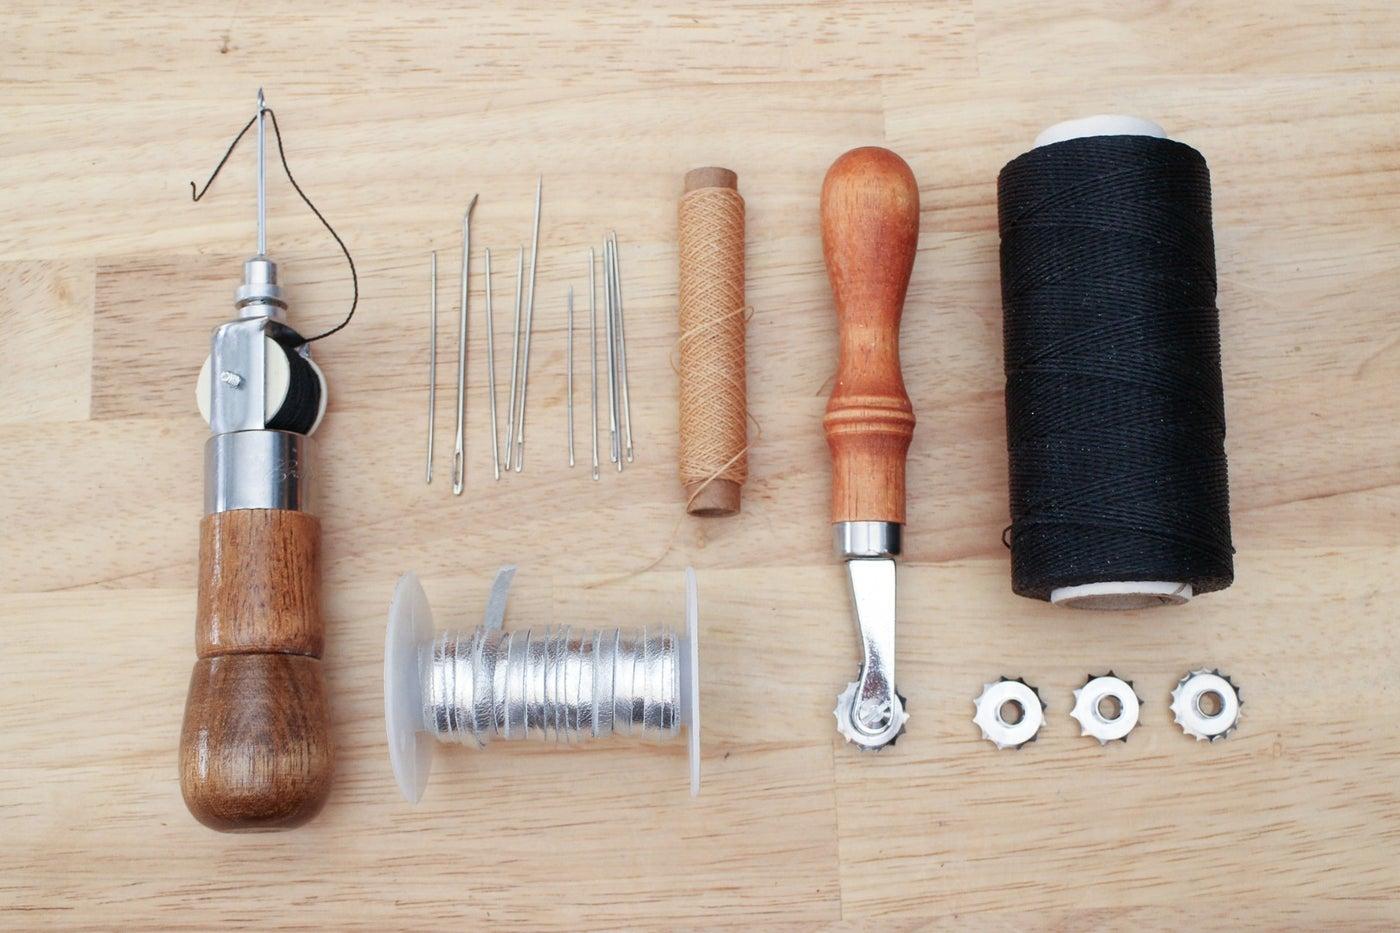 Sewing and Lacing Tools